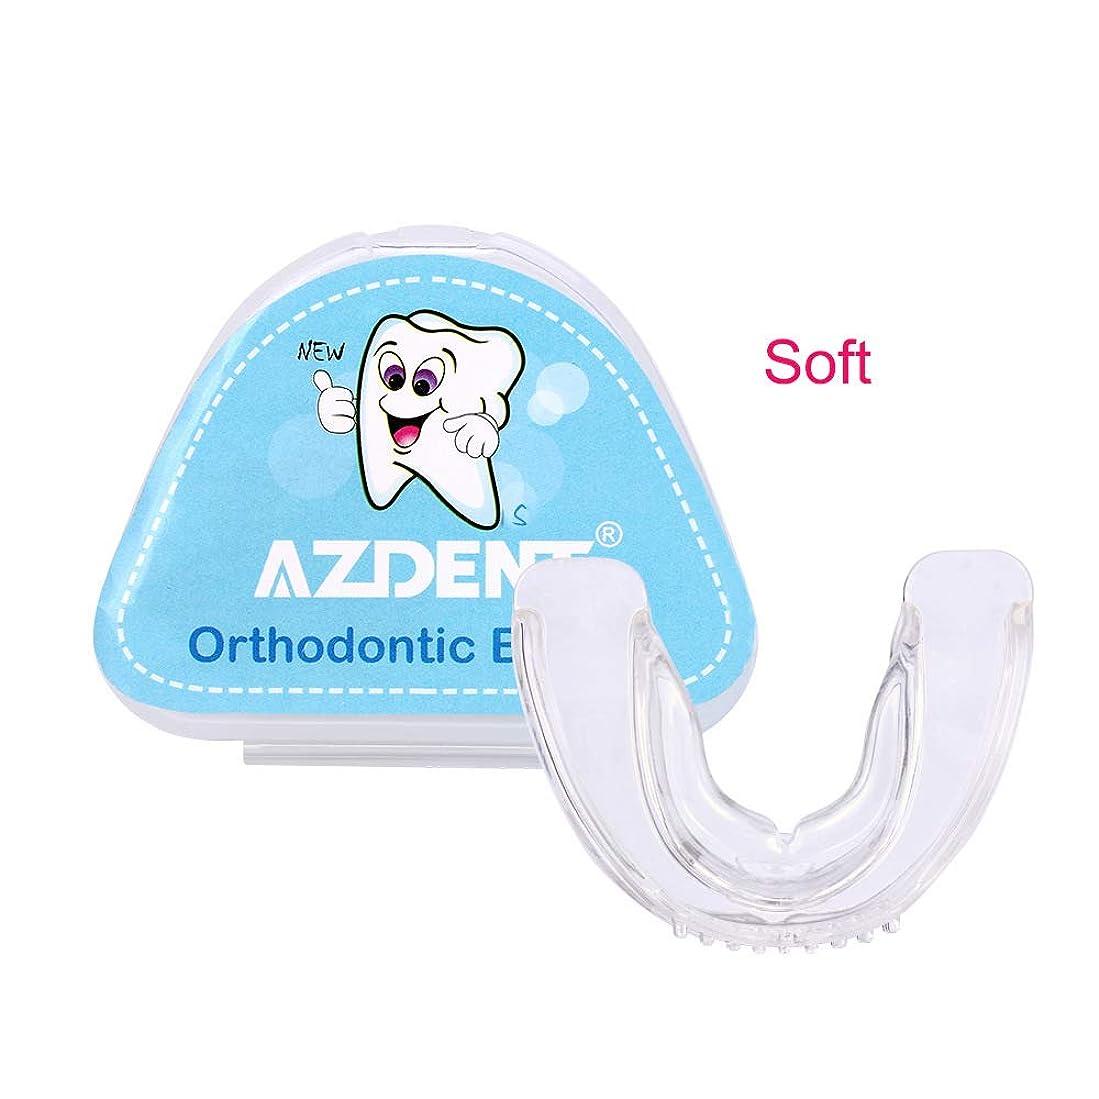 義務的プロテスタント森1対の歯列矯正ブレースを改善し、顔の形を整えます,Soft